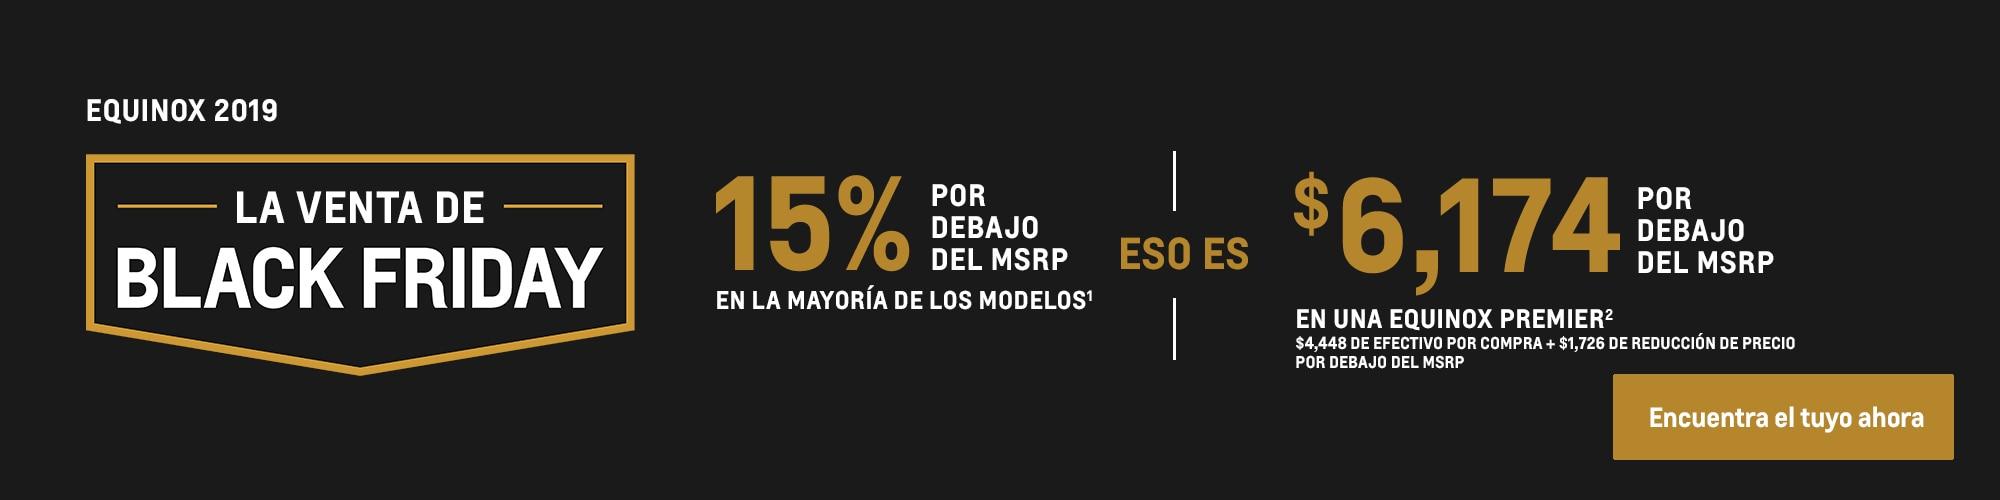 Equinox 2020: 15% por debajo del MSRP